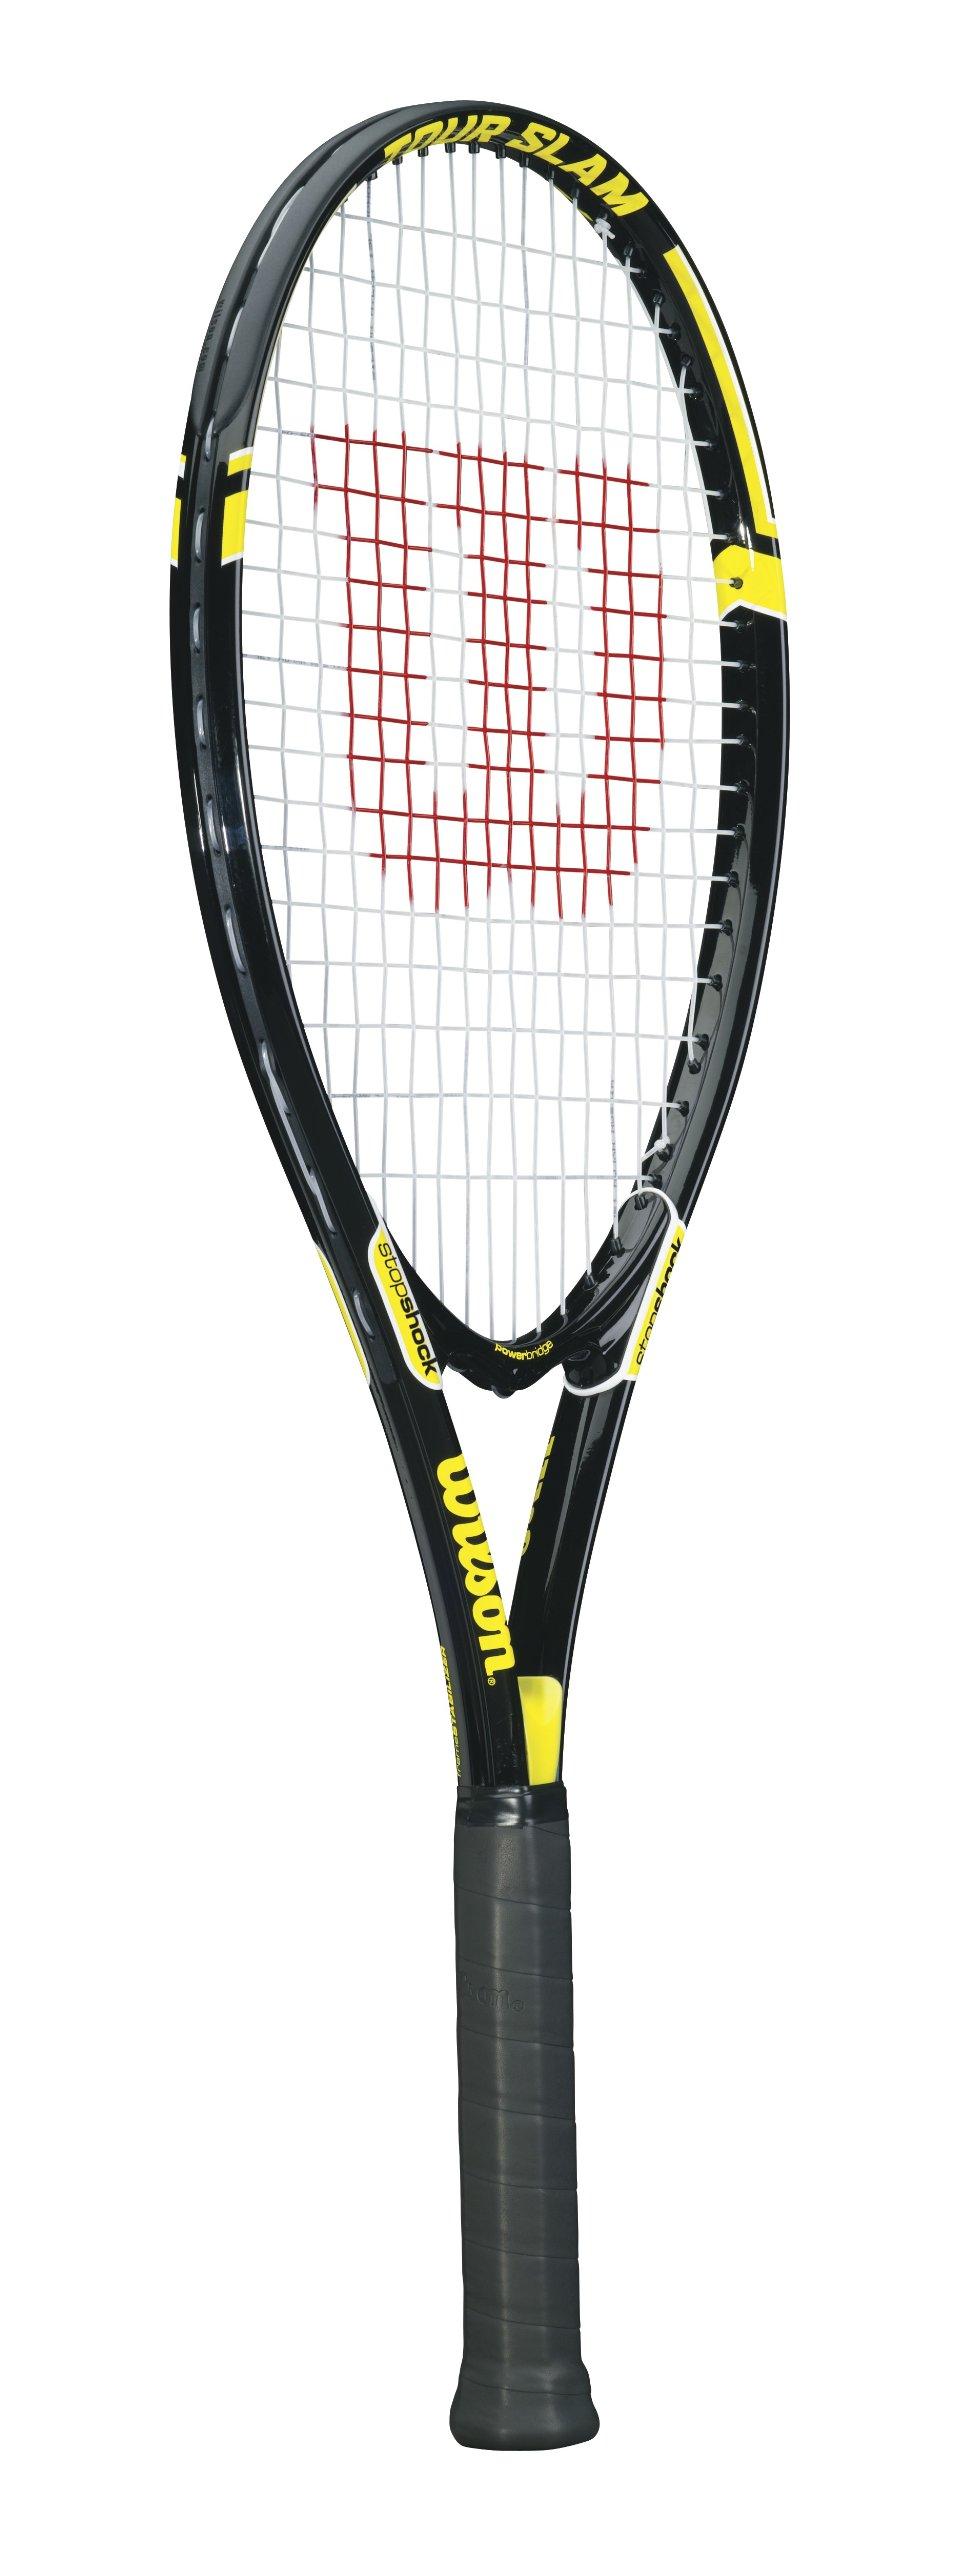 Wilson Tour Slam Adult Strung Tennis Racket, 4 3/8